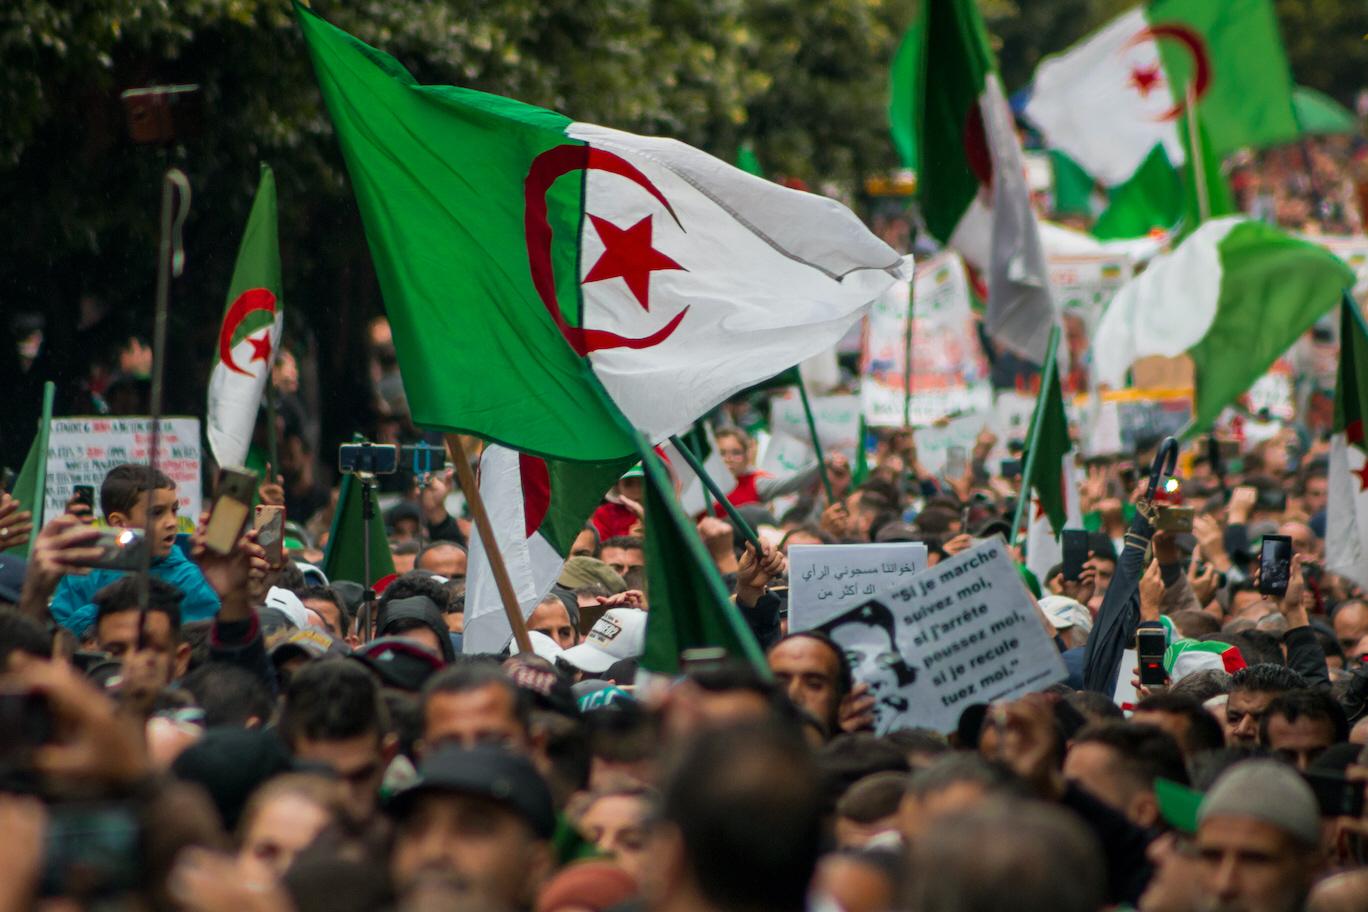 Redan innan coronapandemin skakades flera länder i Afrika av protester, som i Algeriet i november 2019, och konfrontationer mellan civilsamhälle och makthavare. Med de ekonomiska svårigheters följer coronaviruset är risken stor för fler konflikter framöver.